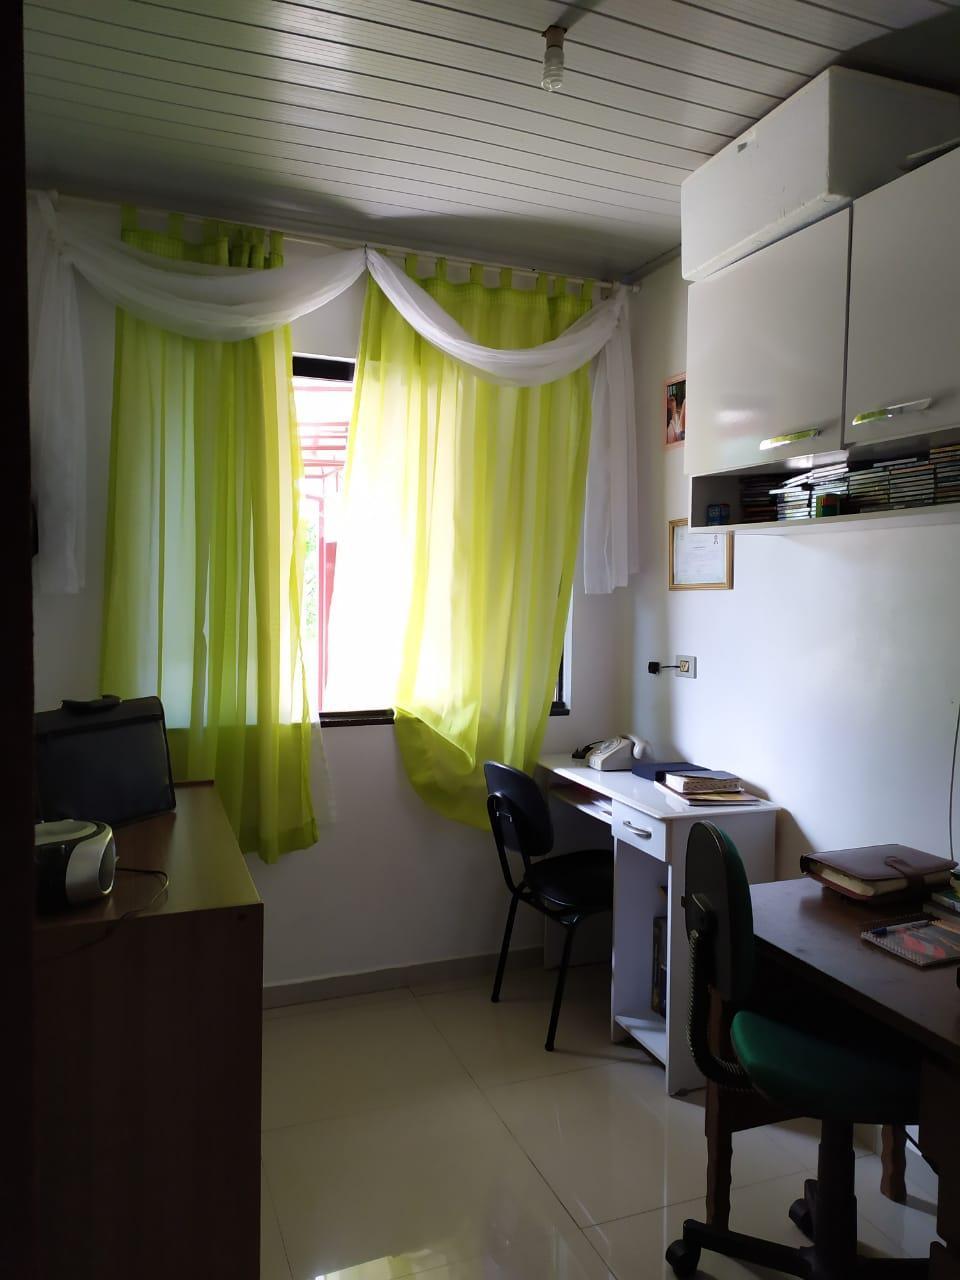 Residencia em alvenaria para venda